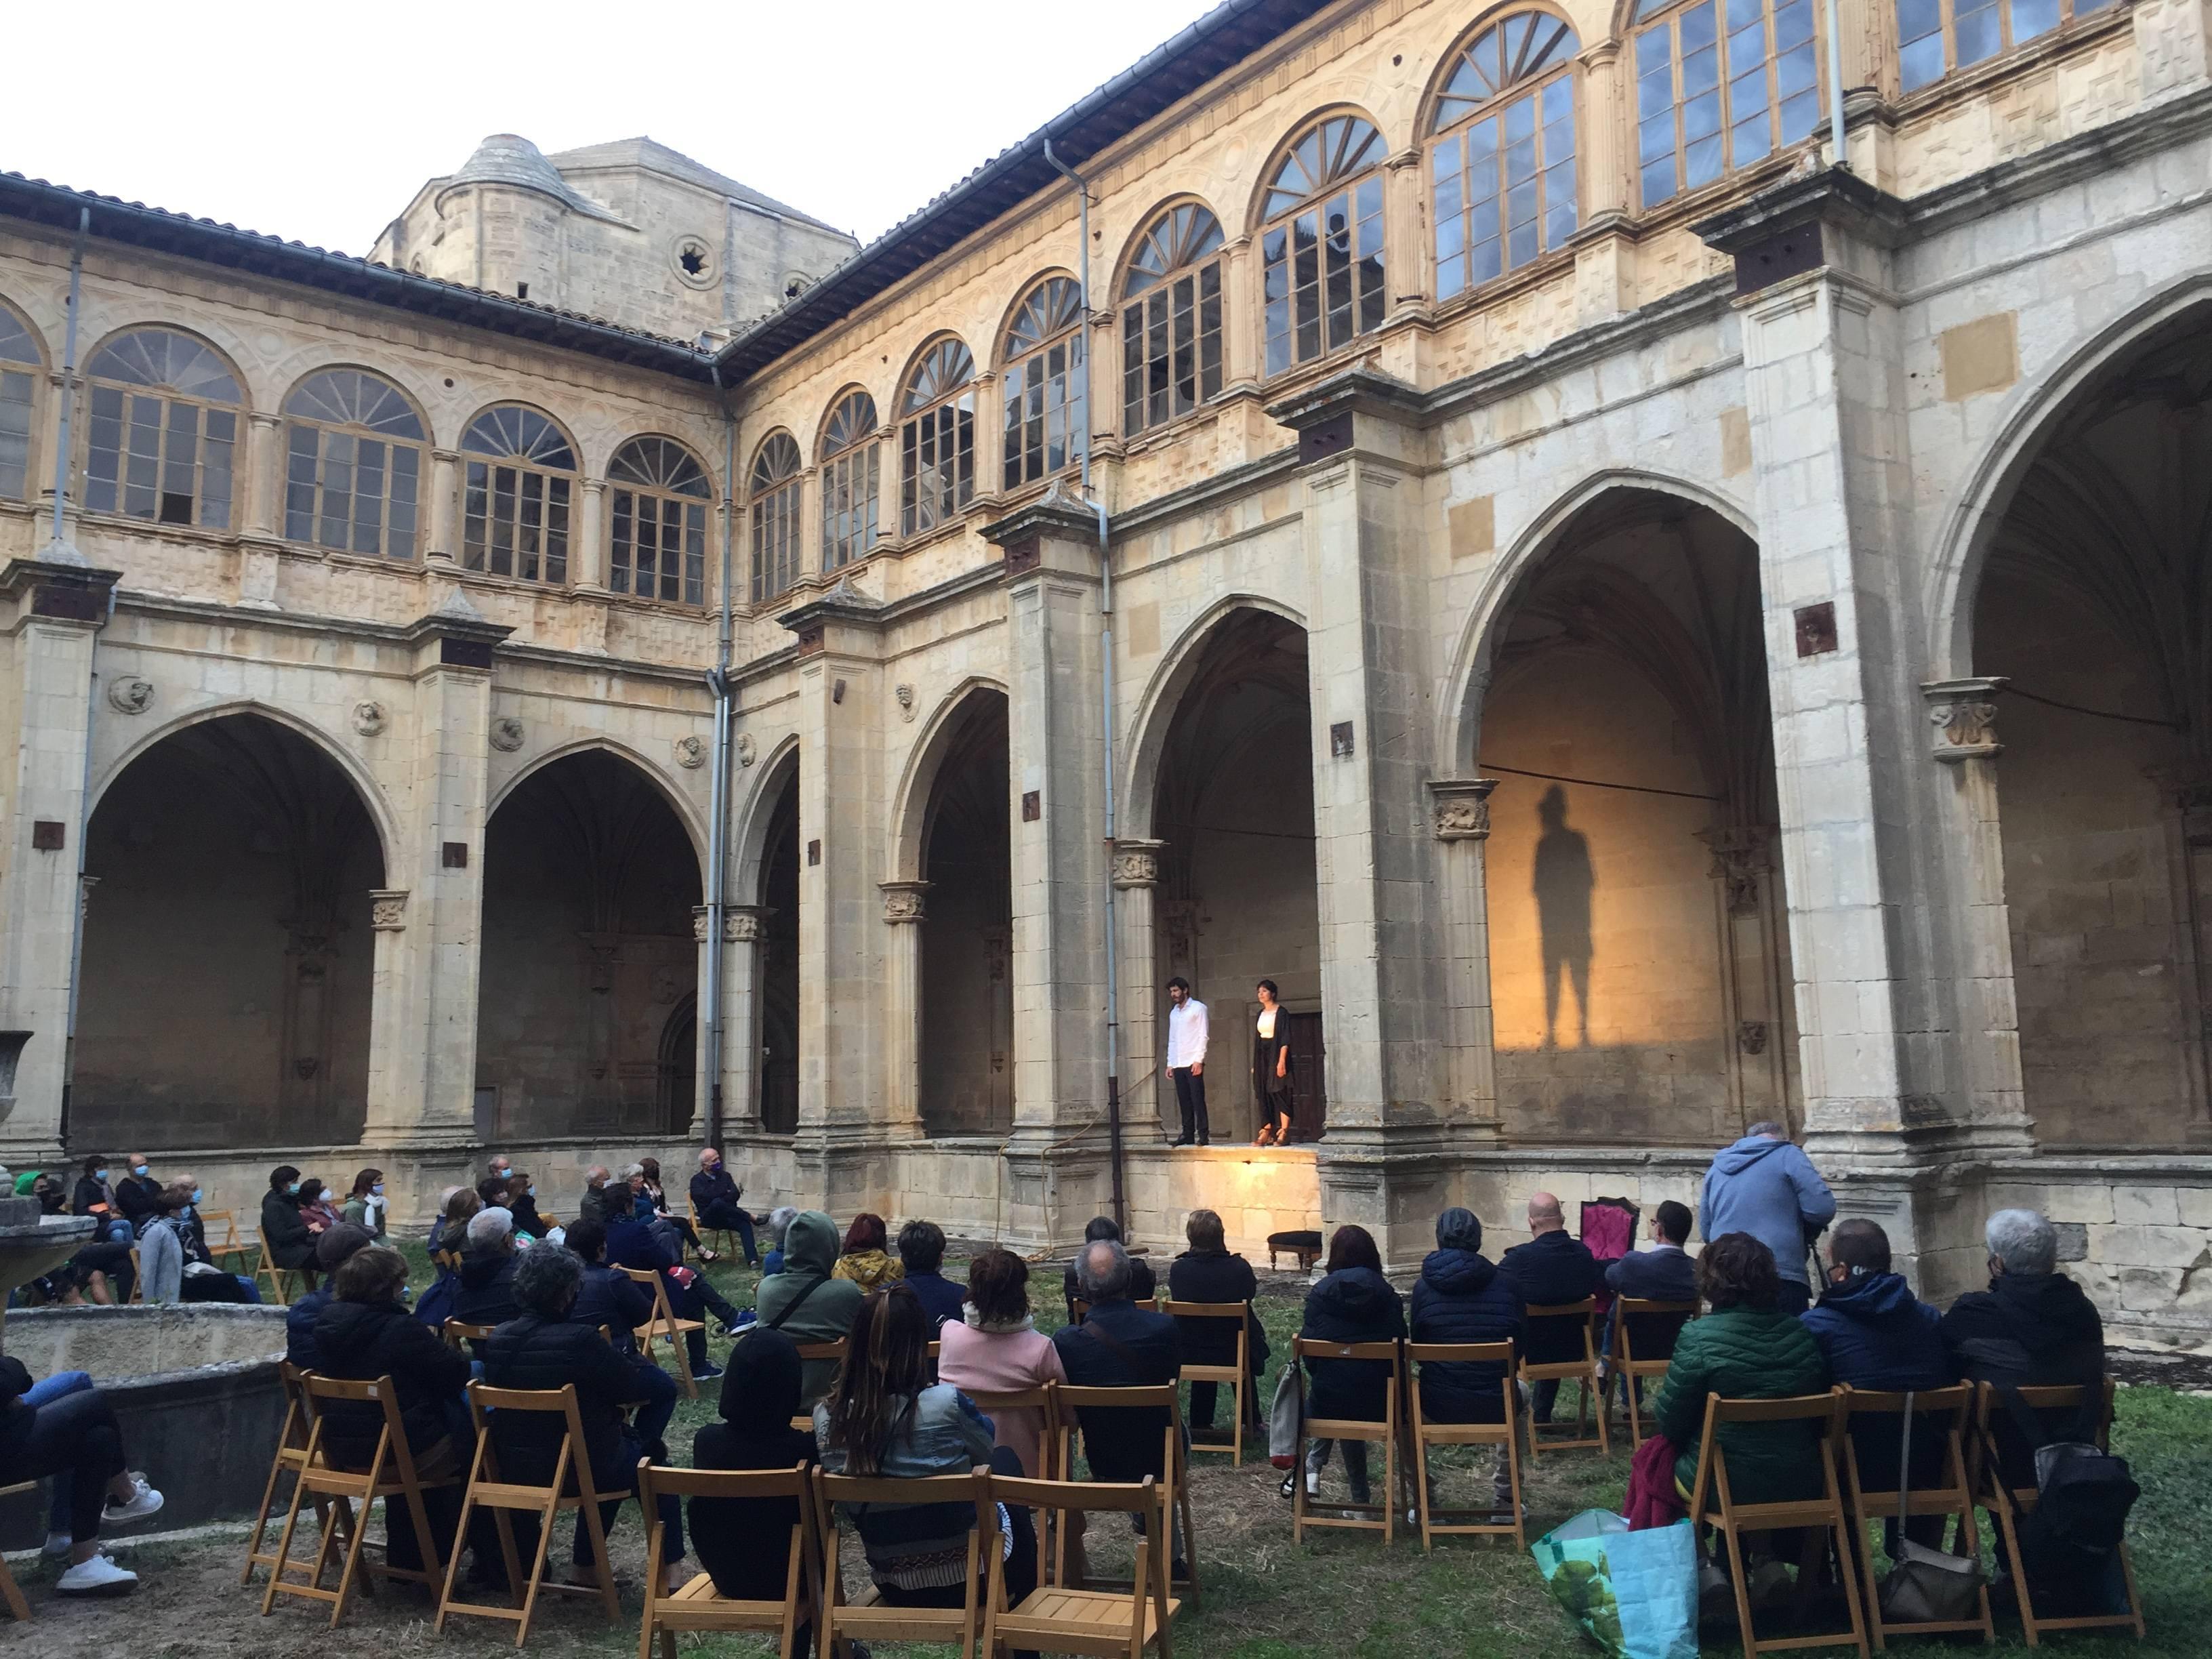 La convocatoria está destinada a apoyar propuestas escénicas como la que se desarrolla en el Monasterio de Iratxe.